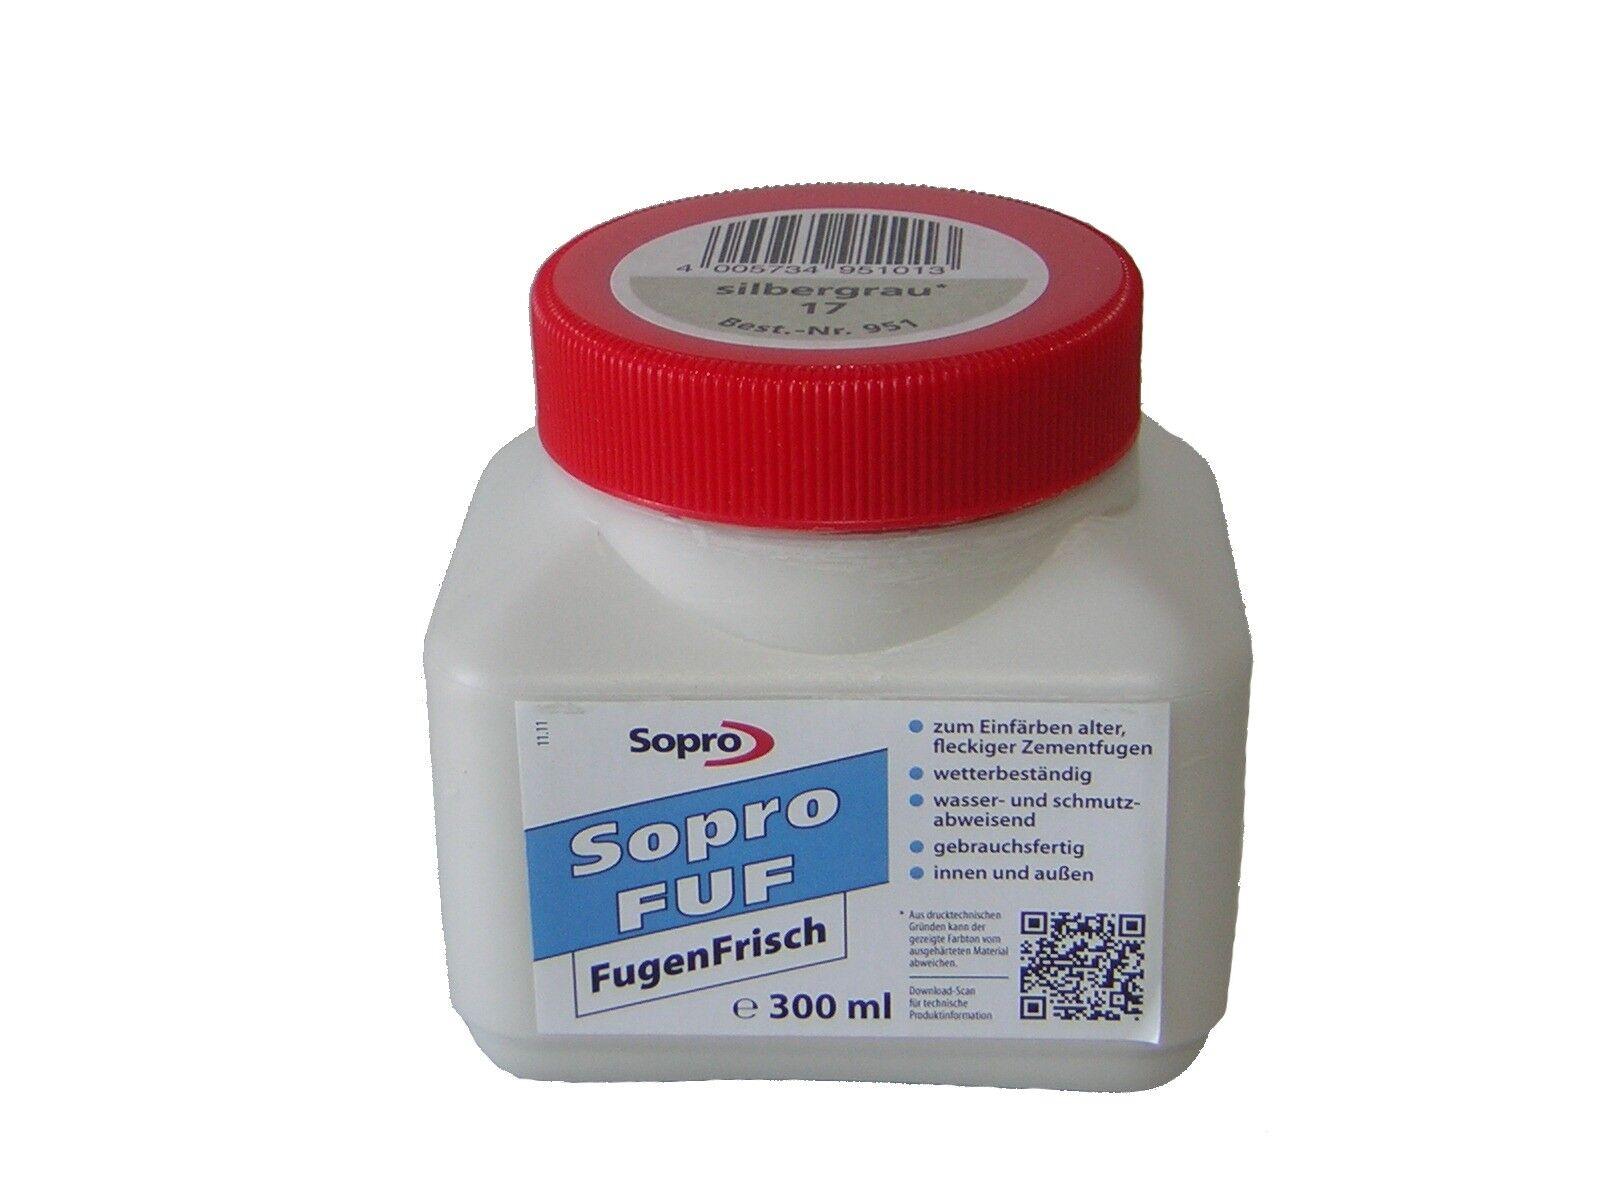 Sopro FugenFrisch FUF 0,3 l inkl. Schwamm Fugenanstrich Sanierfarbe Fugenfarbe